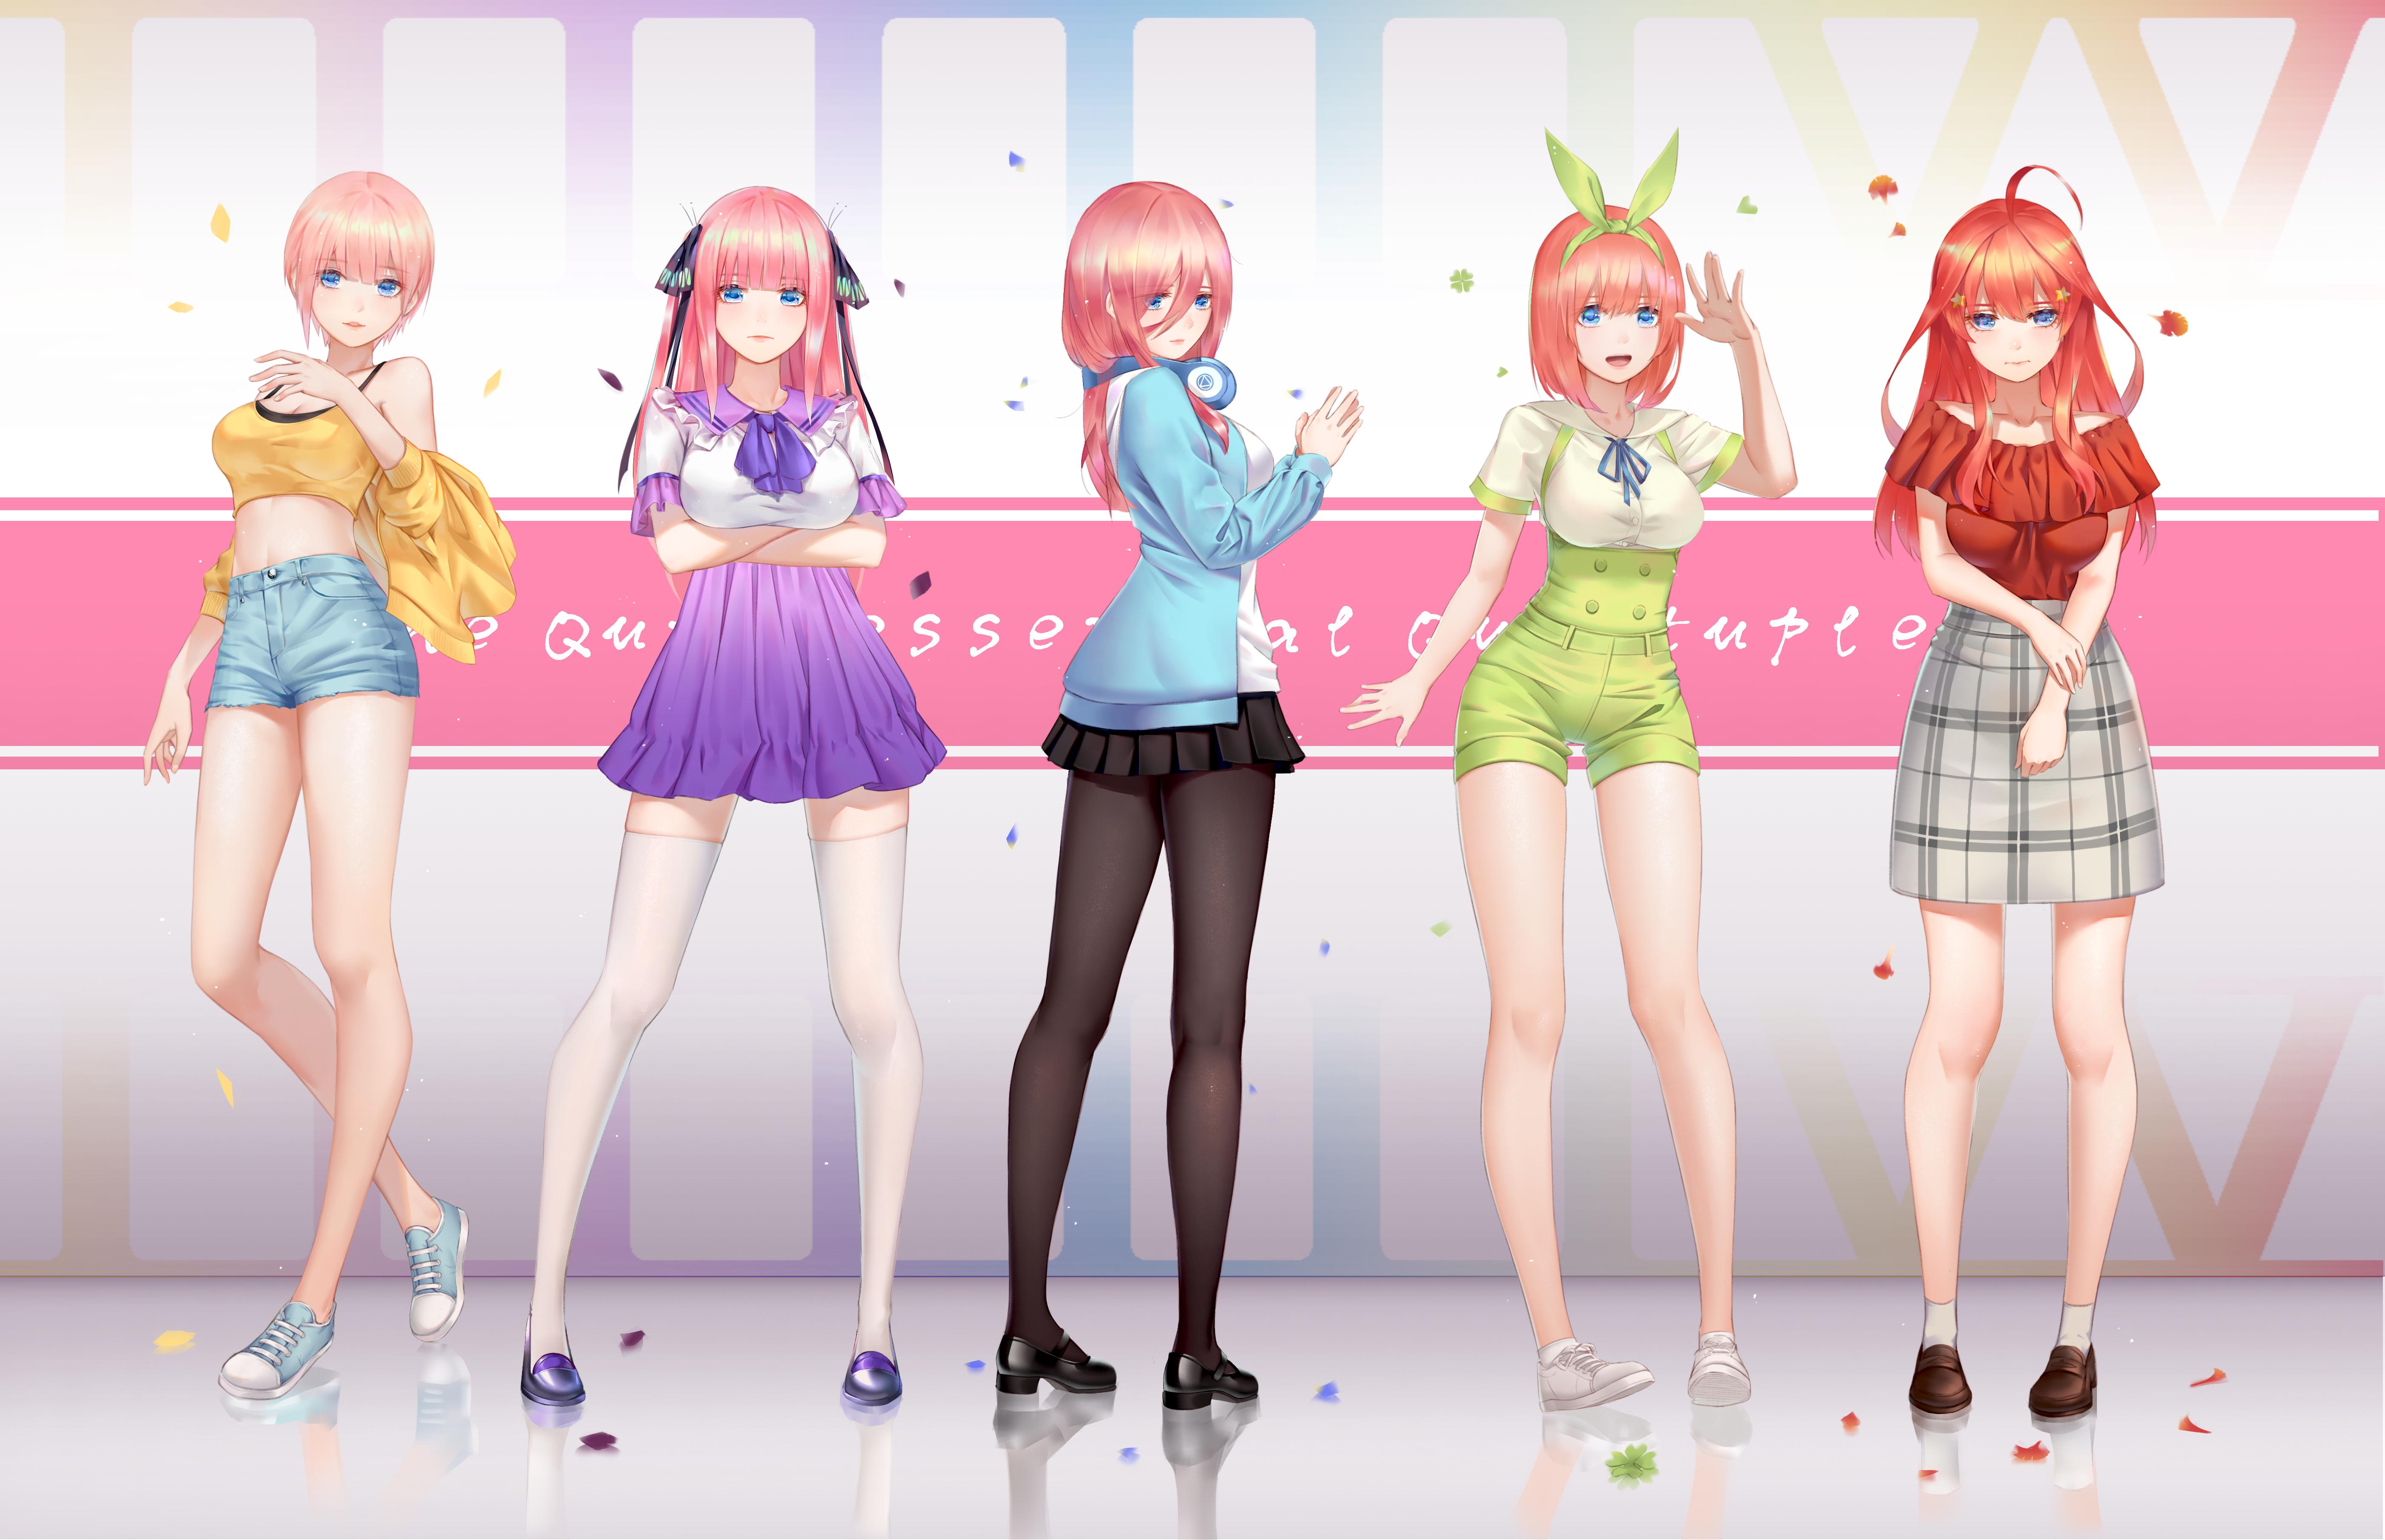 Картинка: Девушки, аниме, Пять невест, Go-Toubun no Hanayome, Накано Итика, Накано Нино, Накано Мику, Накано Ёцуба, Накано Ицуки